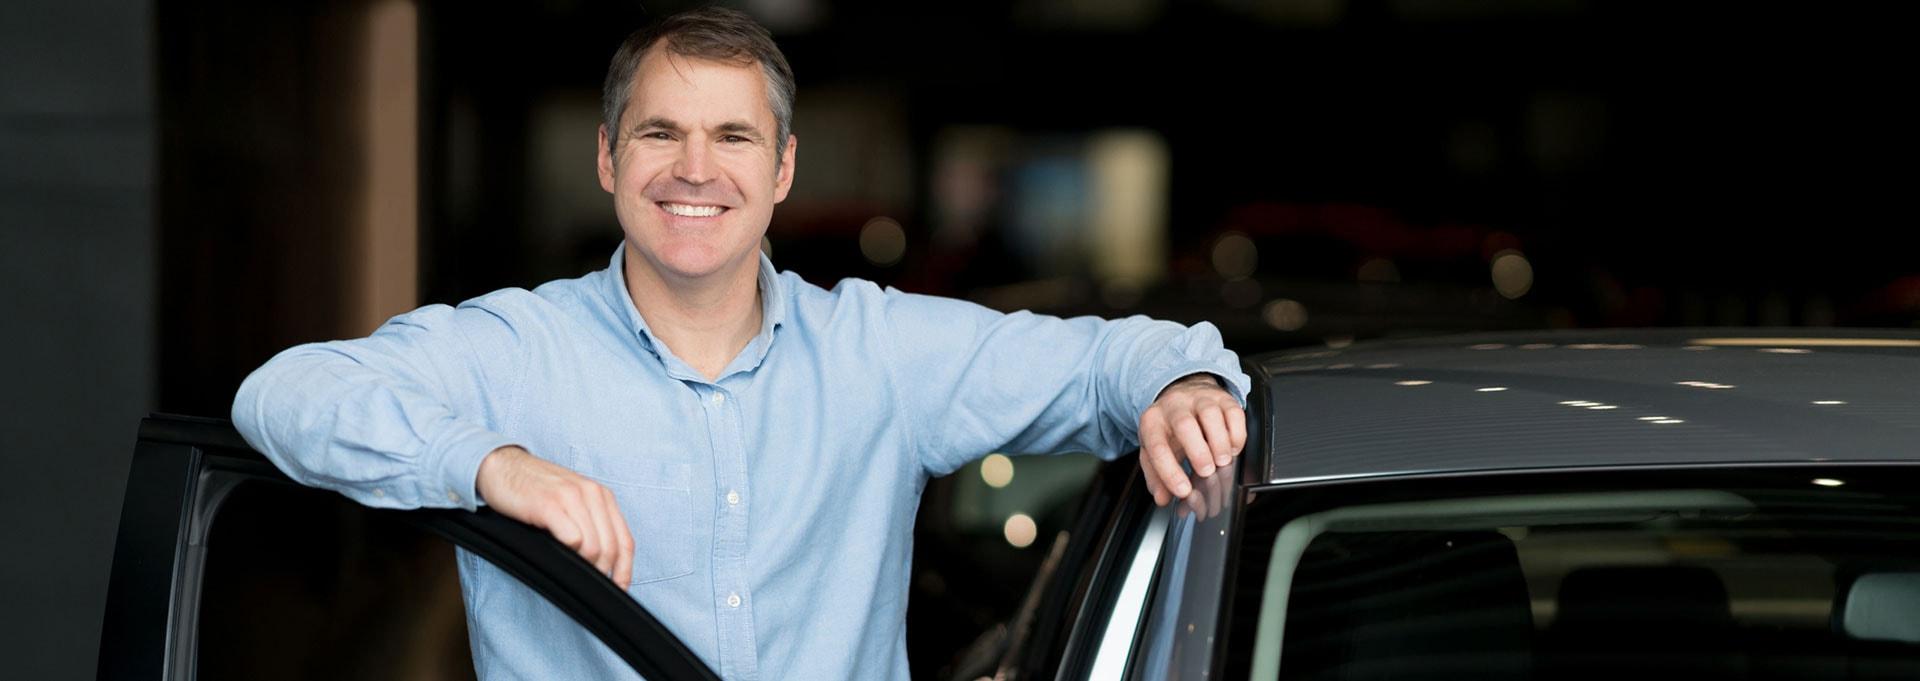 Autohändler mit Gebrauchtwagengarantie